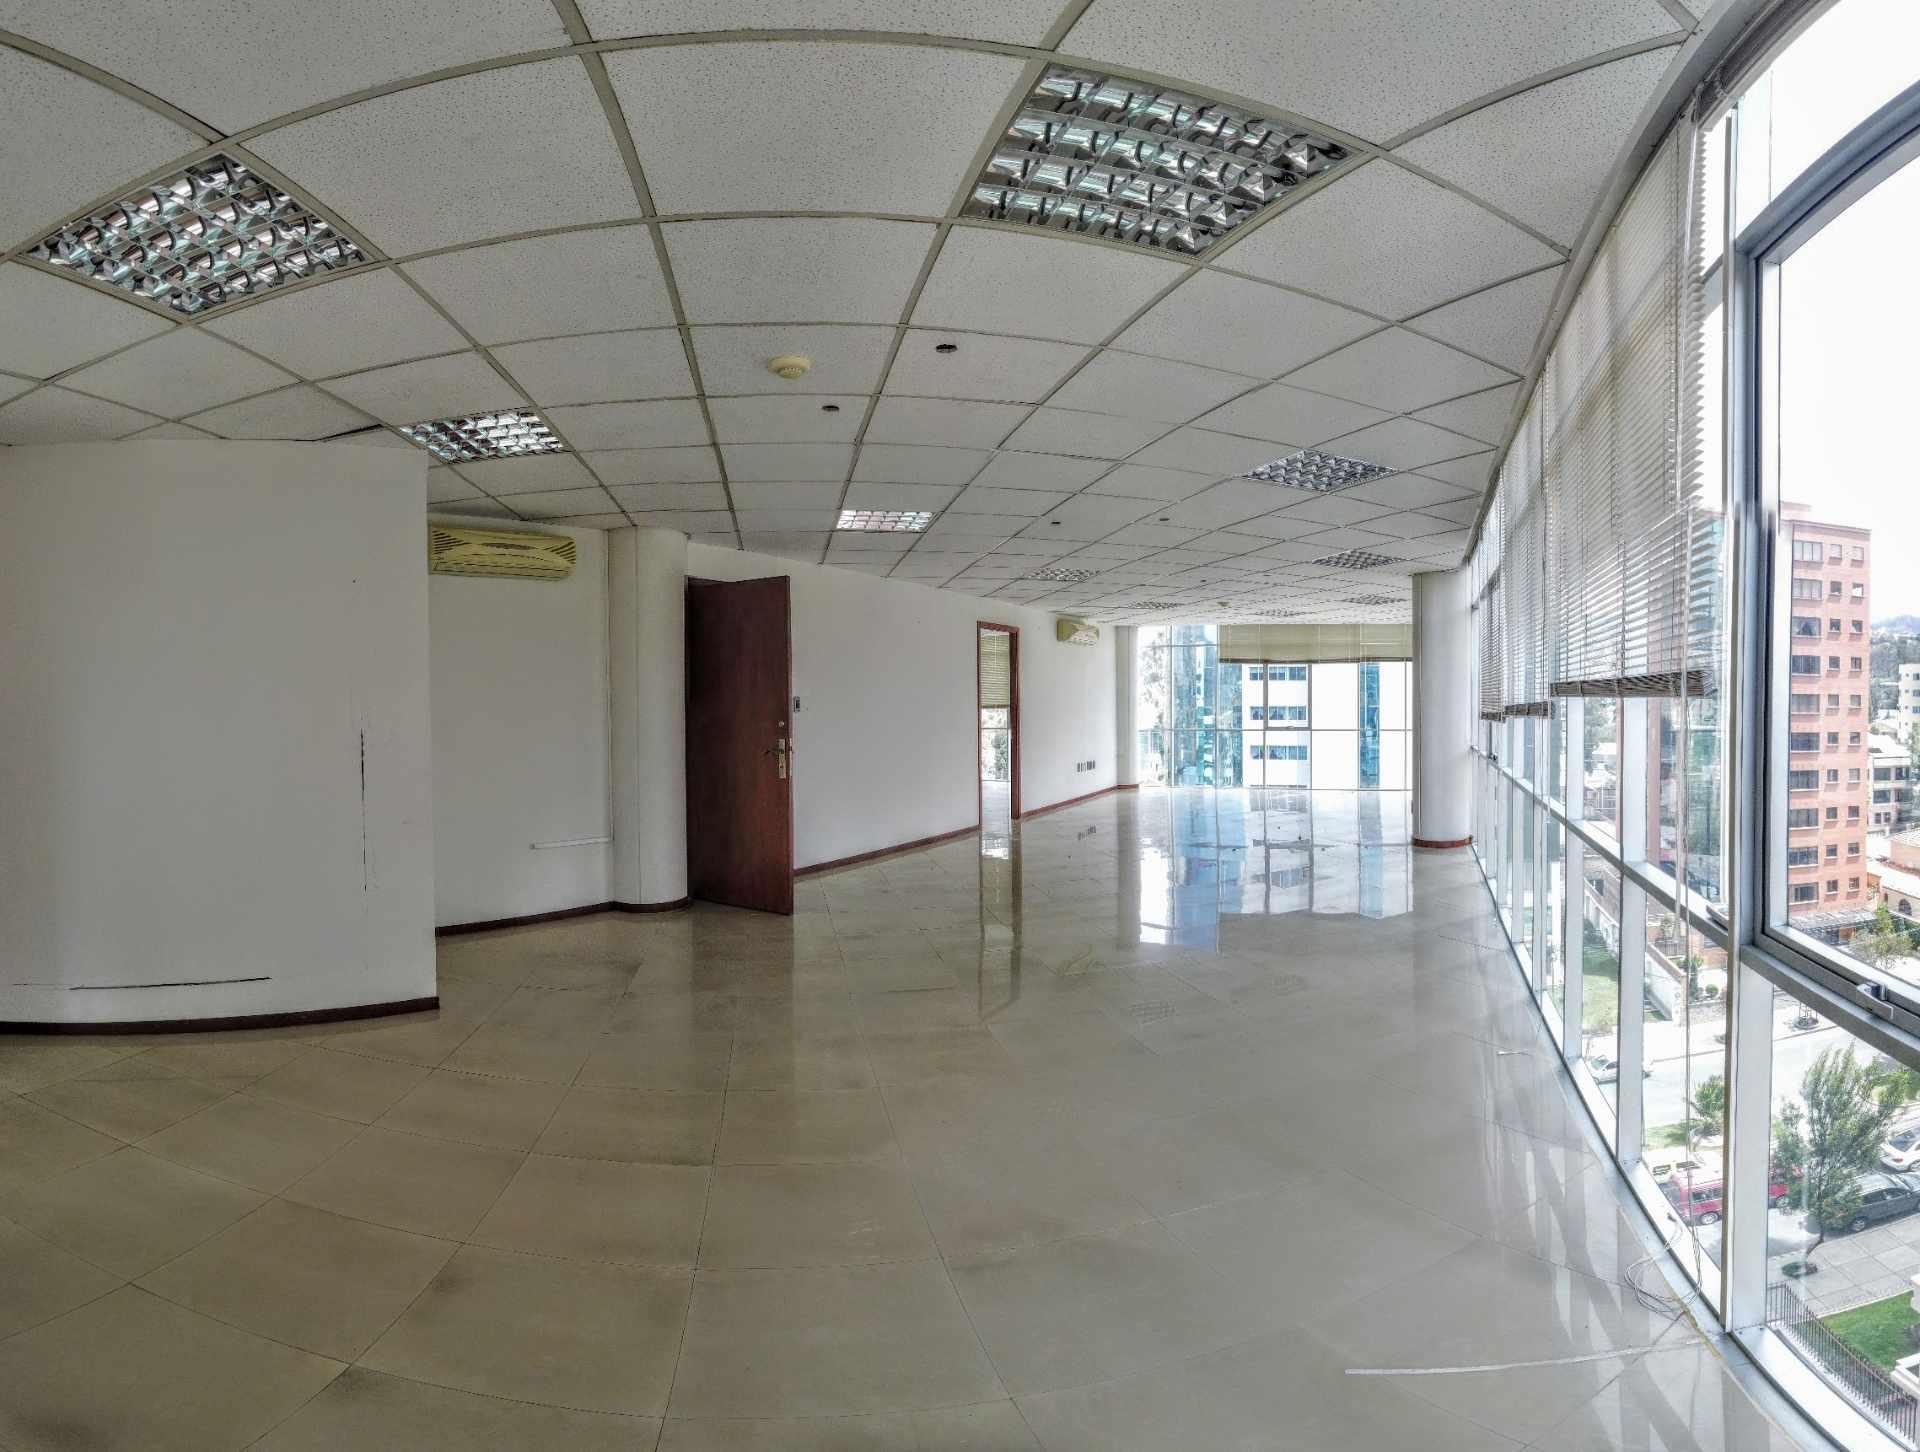 Oficina en Alquiler Av. Ballivian Esq. Calle 13 de Calacoto Foto 5